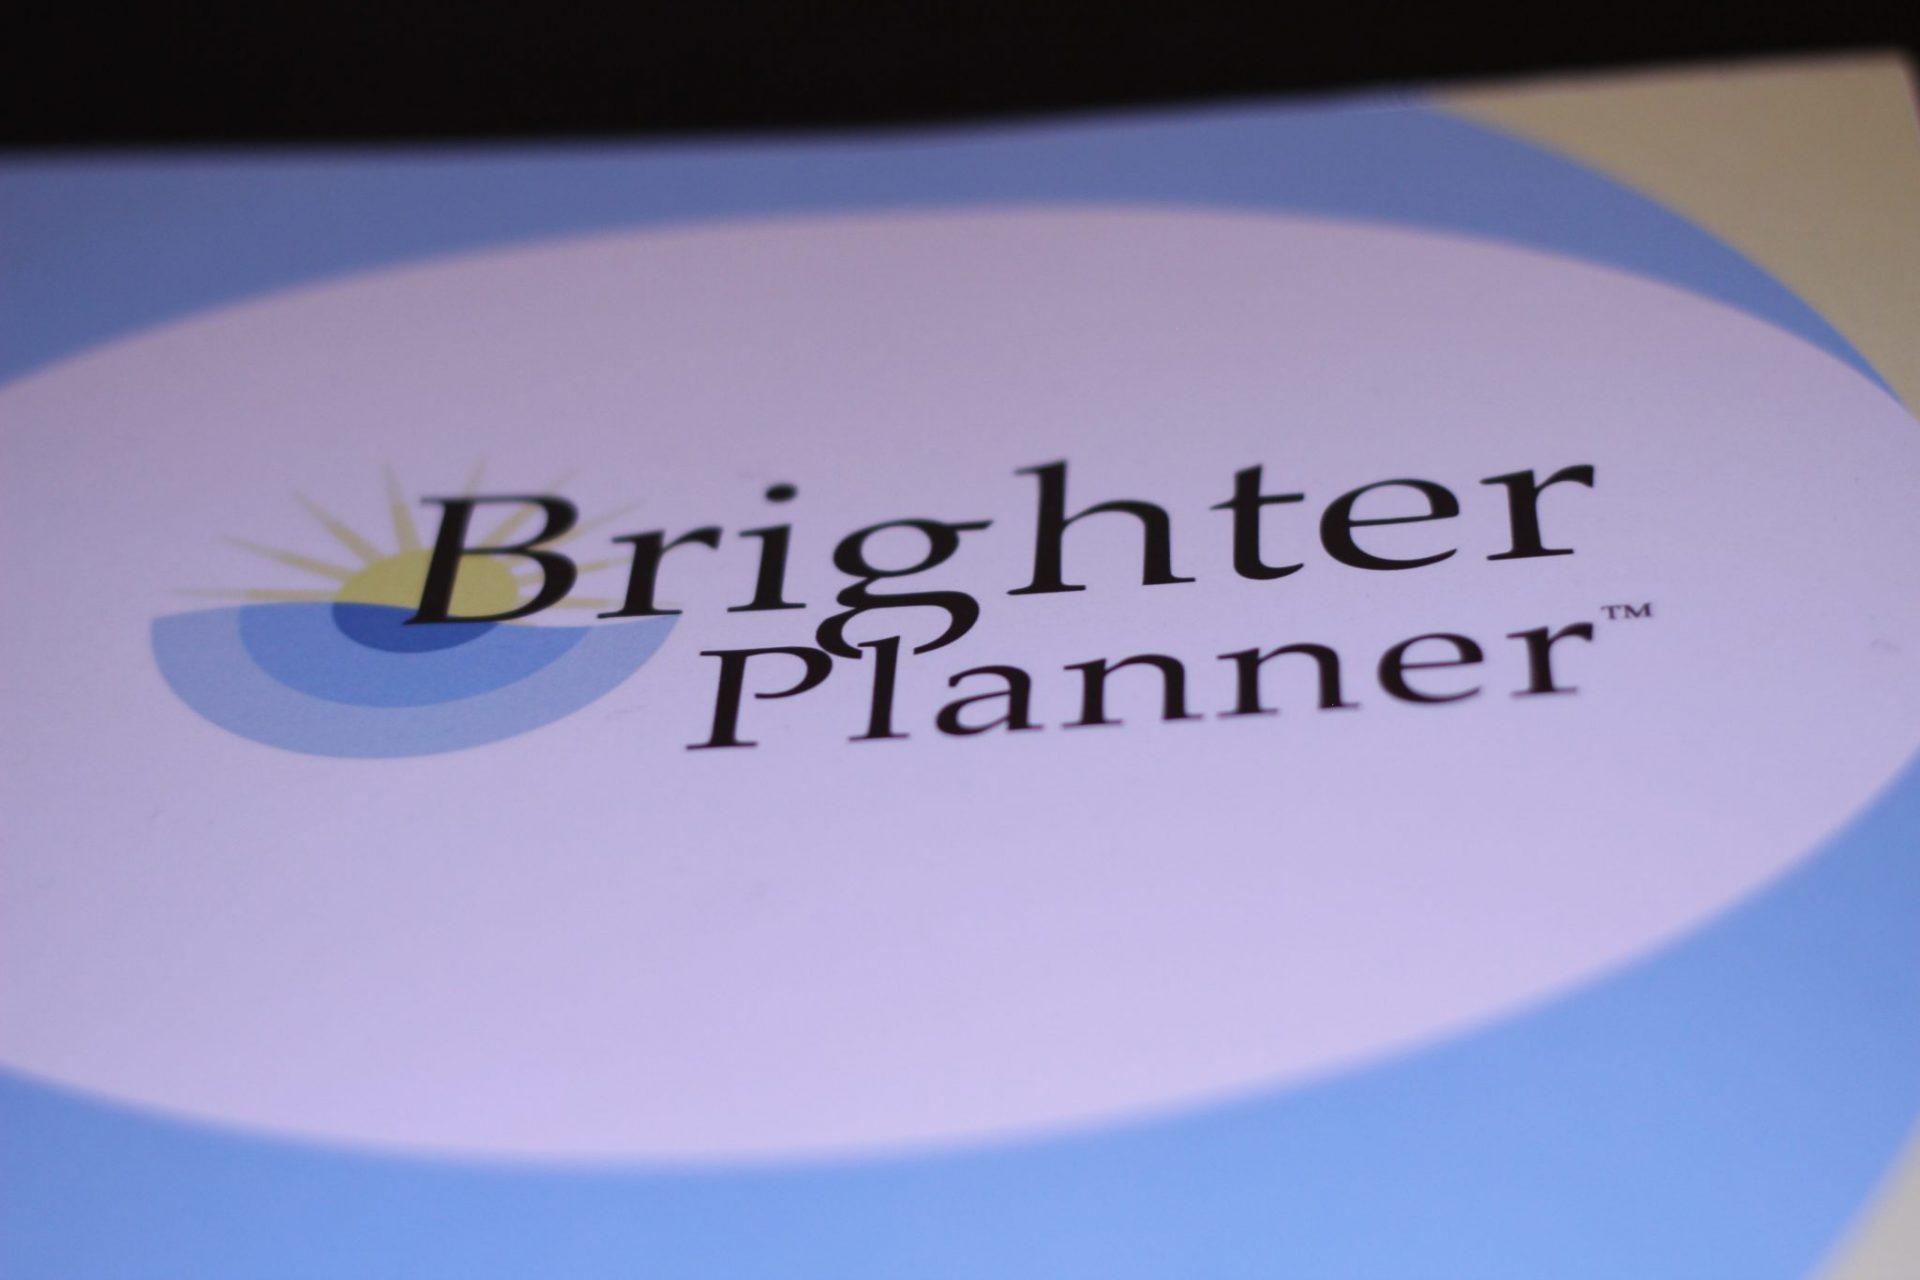 Brighter Planner(TM)